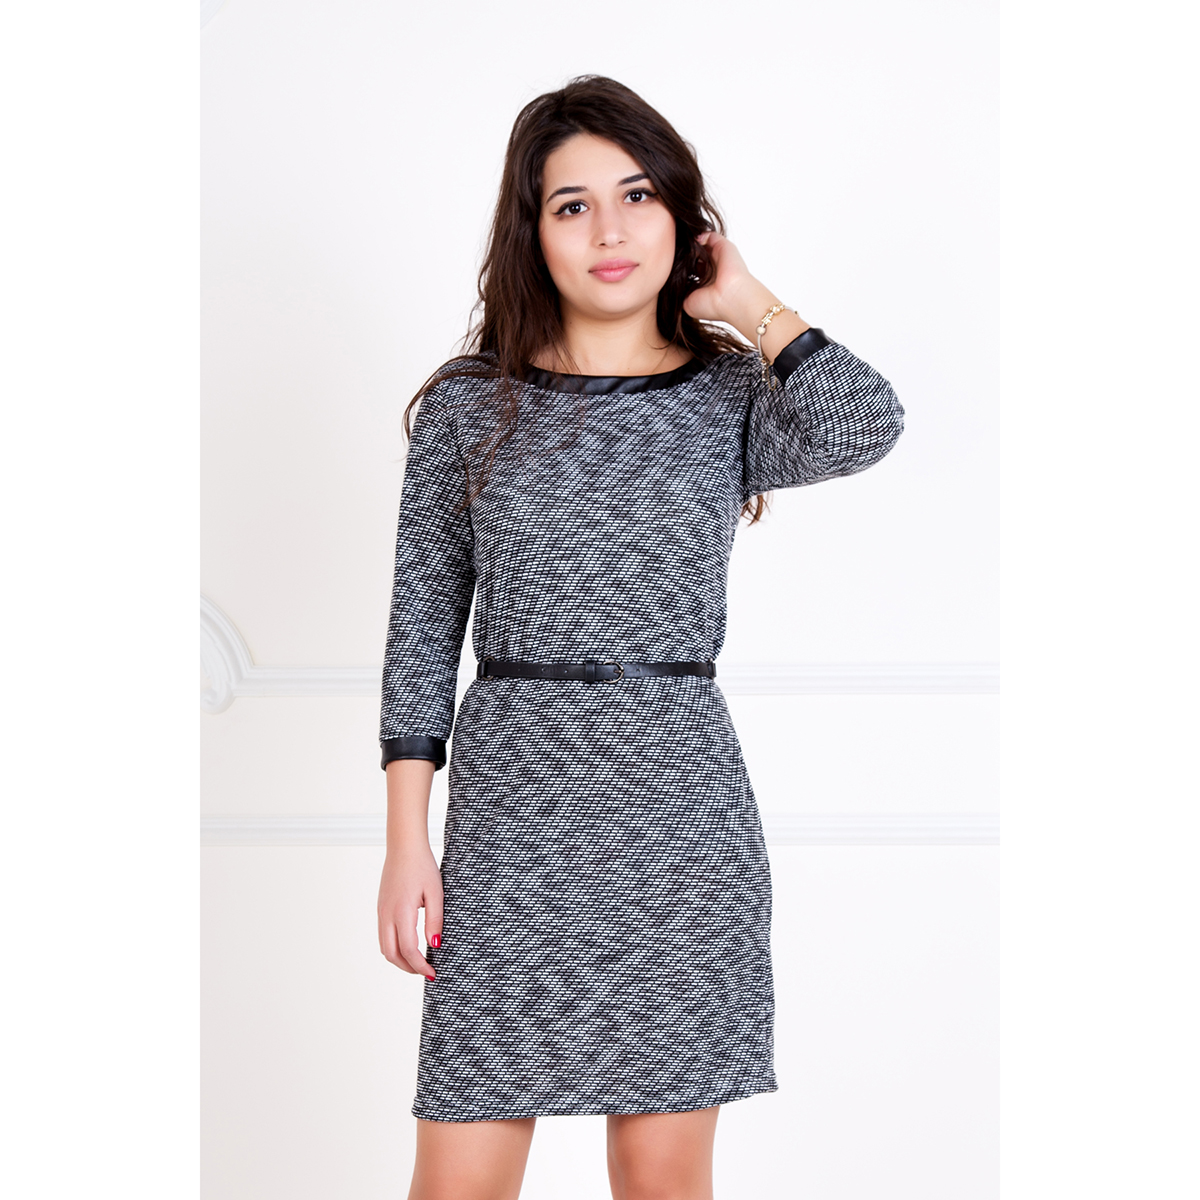 Женское платье Рената, размер 42Платья<br>Обхват груди:84 см<br>Обхват талии:65 см<br>Обхват бедер:92 см<br>Длина по спинке:84 см<br>Рост:167 см<br><br>Тип: Жен. платье<br>Размер: 42<br>Материал: Трикотаж